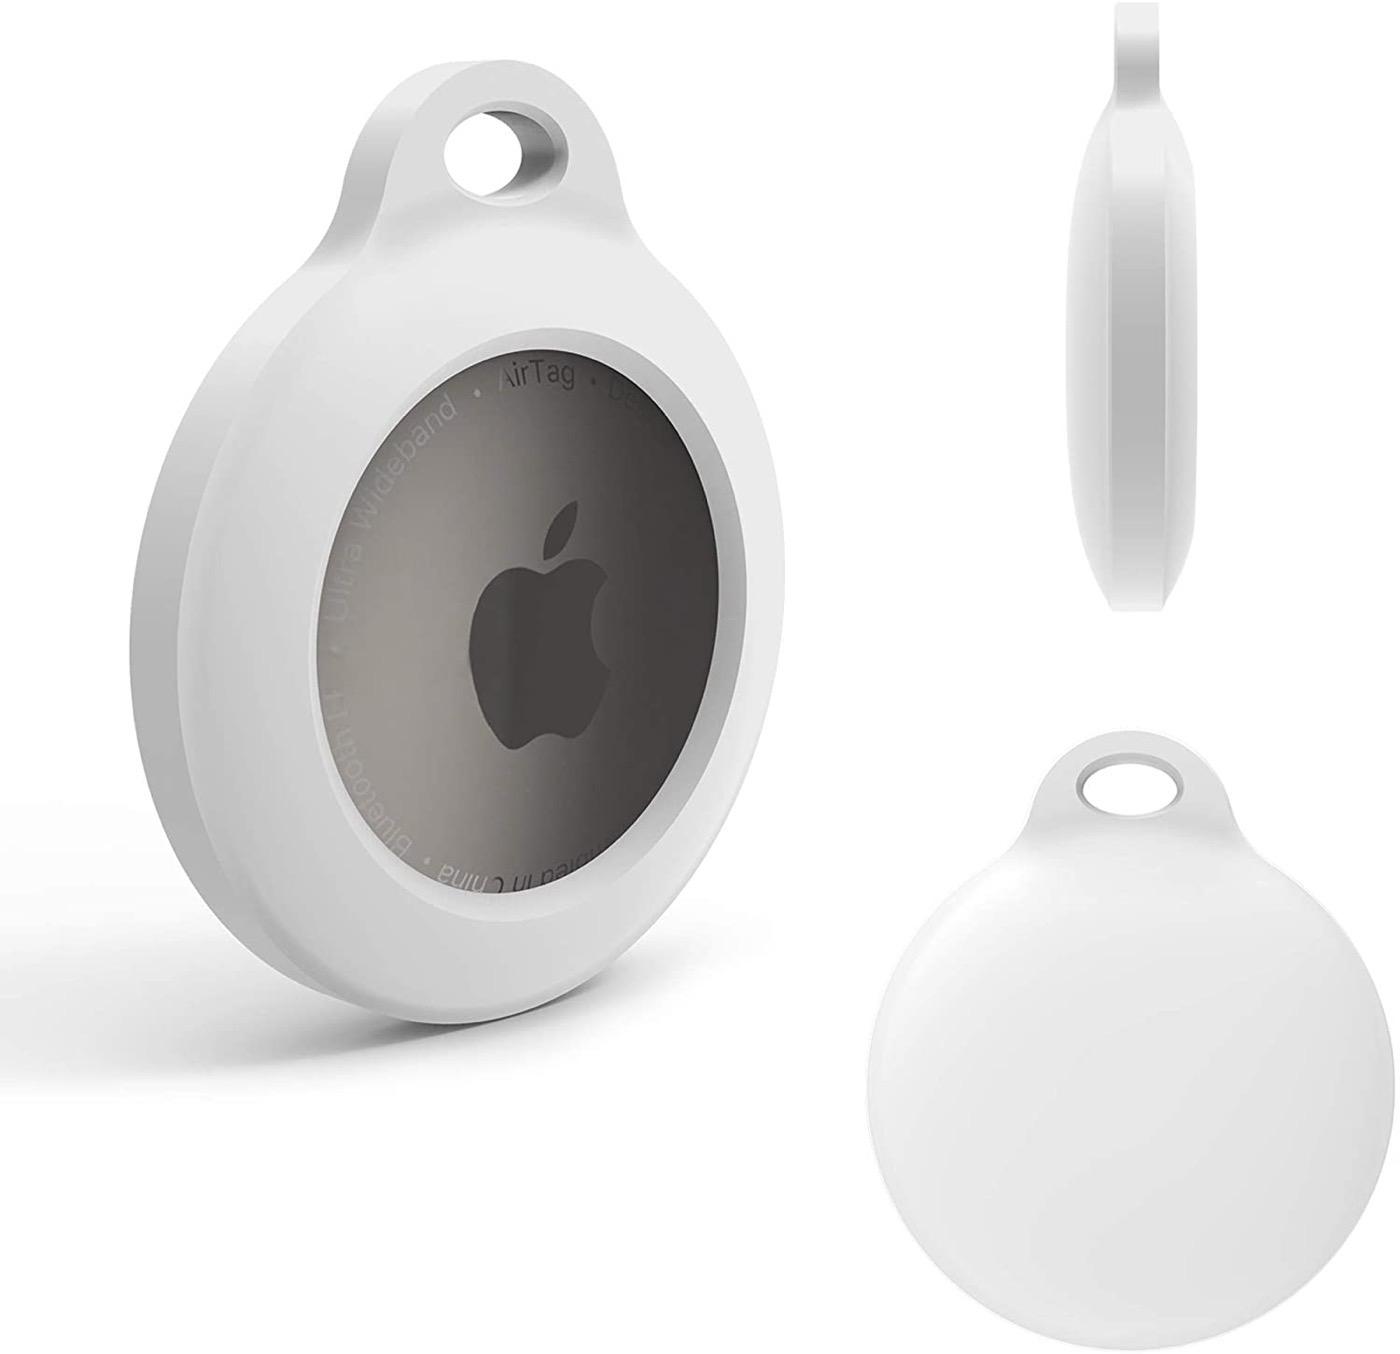 AppleAirTags KeyChain 04